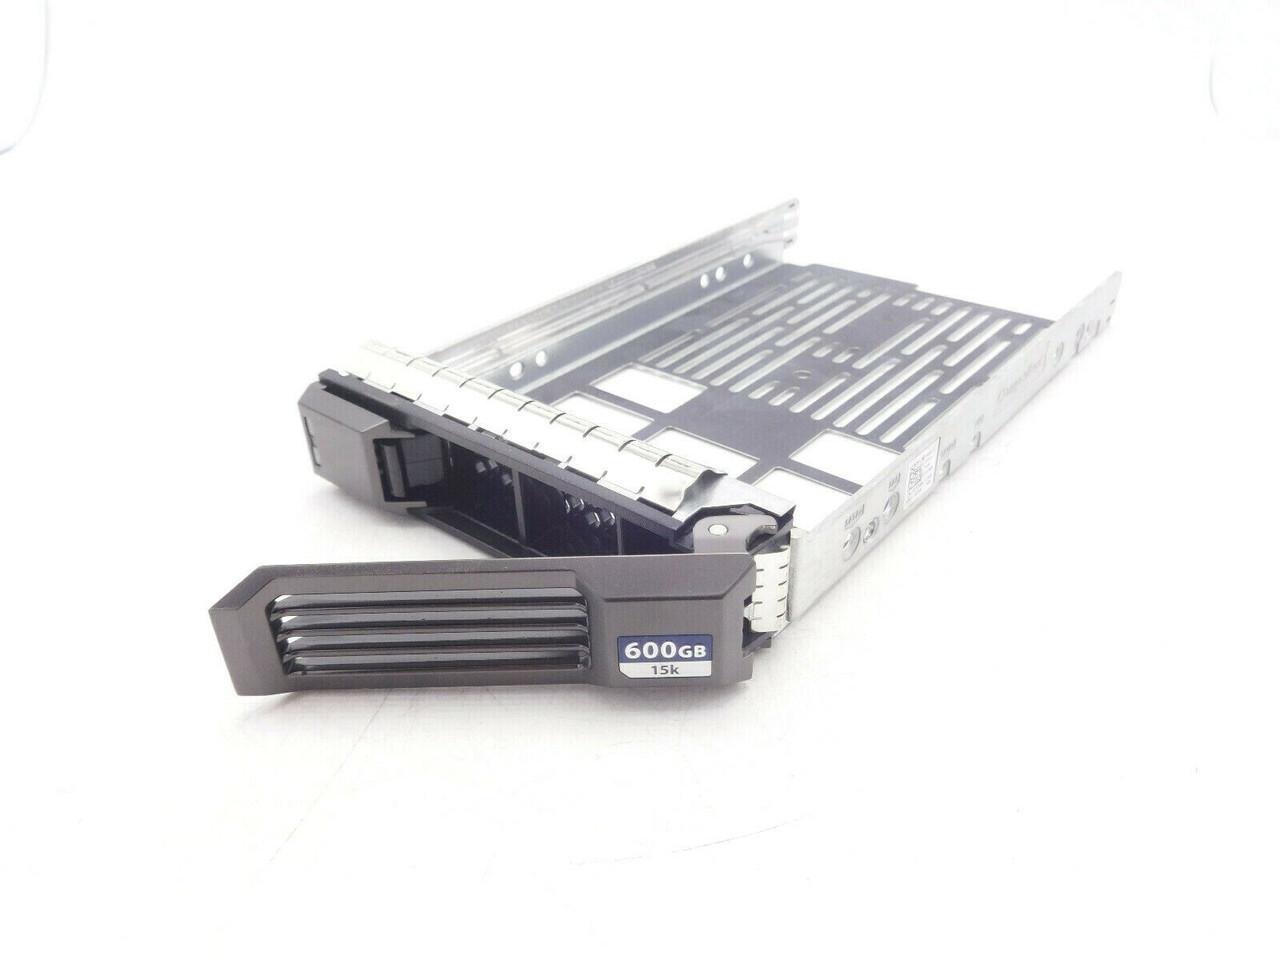 72CWN Dell Compellent 3.5 Hard Drive Tray